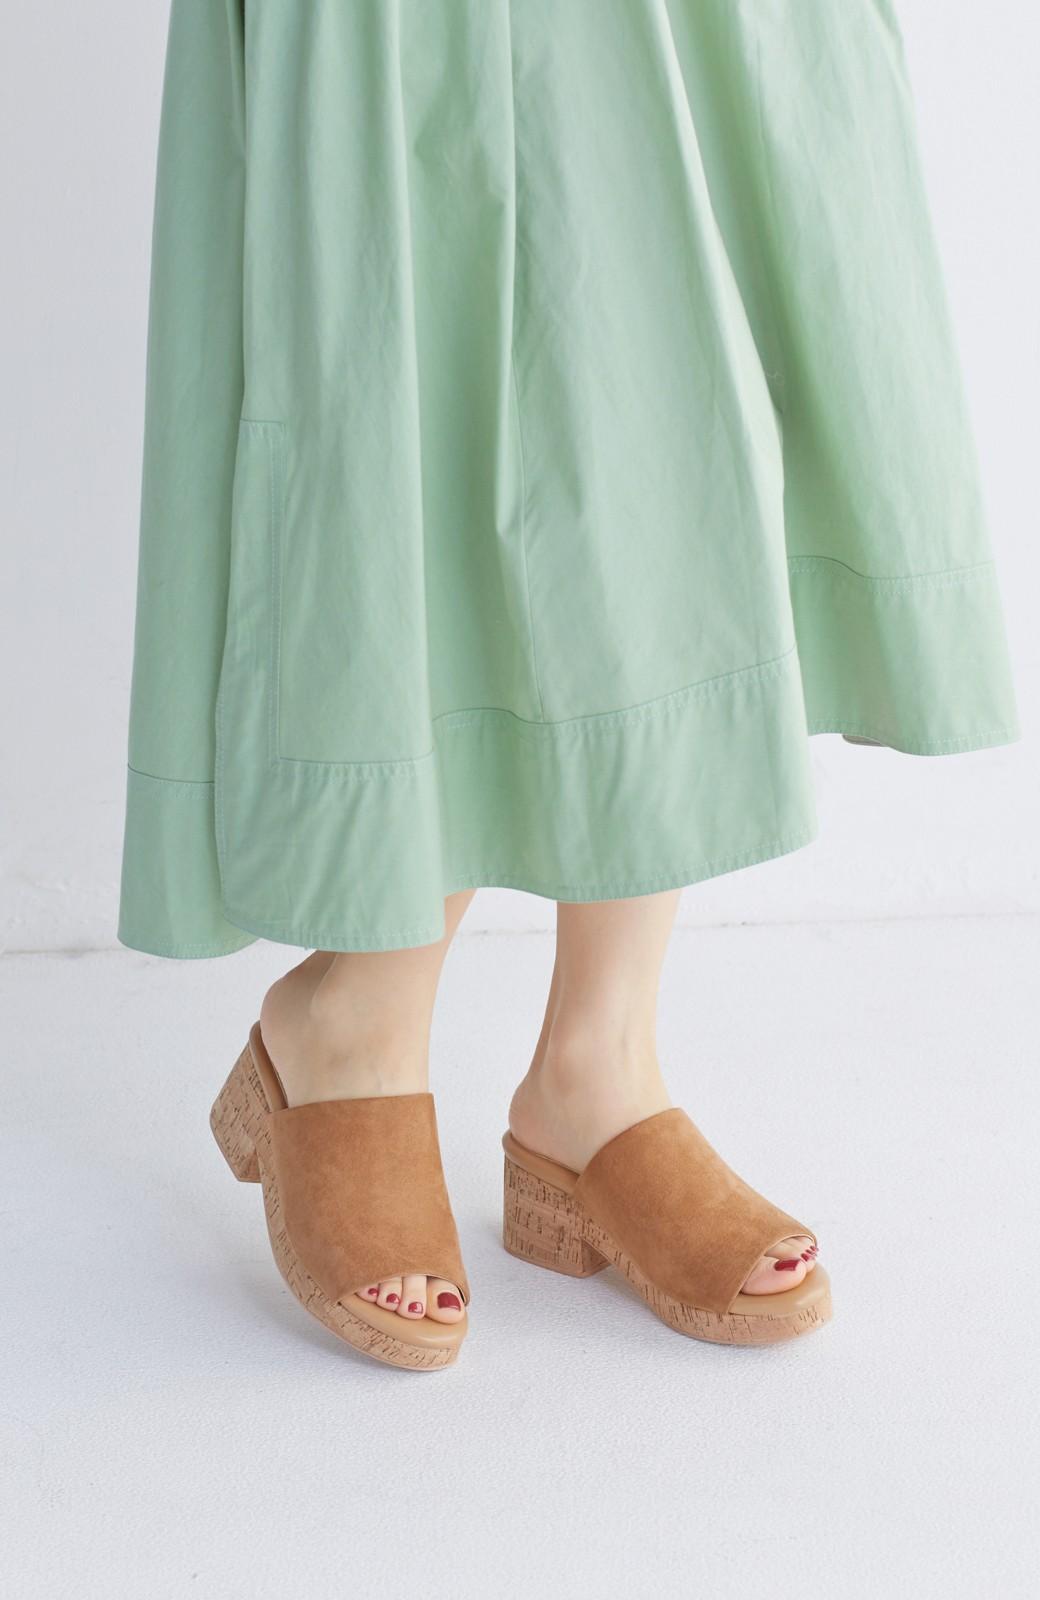 nusy 低&高反発で歩きやすい サボみたいにすぽっとはけるオープントゥサンダル <キャメル>の商品写真2